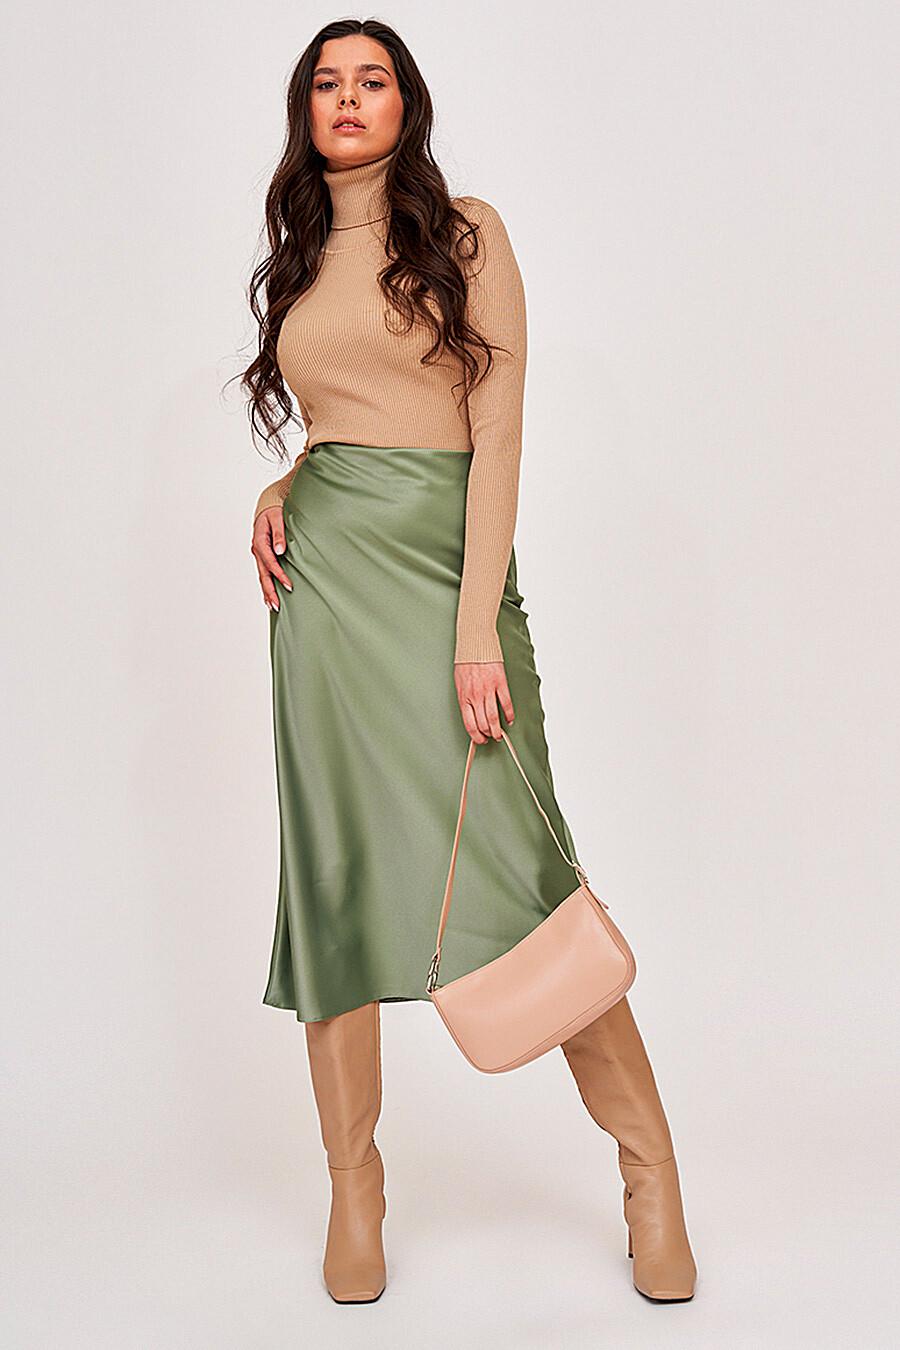 Юбка для женщин DELIA 289539 купить оптом от производителя. Совместная покупка женской одежды в OptMoyo